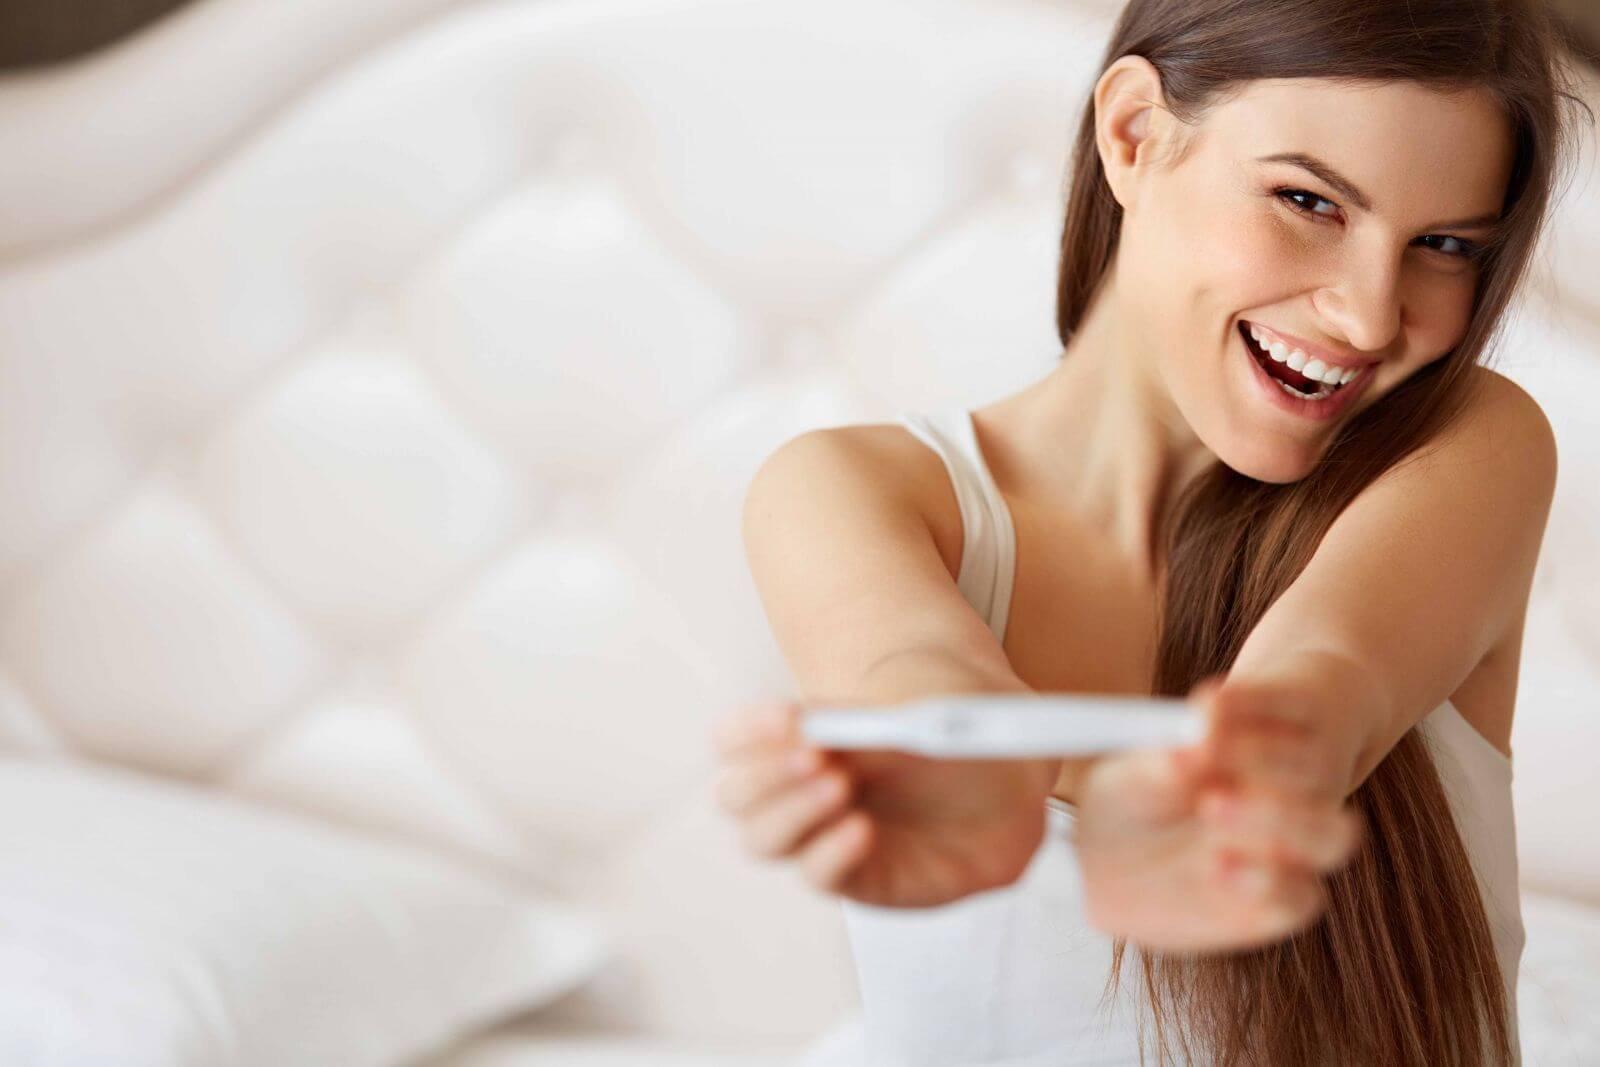 Як виглядає позитивний тест на вагітність? Їх види та правила використання. Чи може тест помилятись?